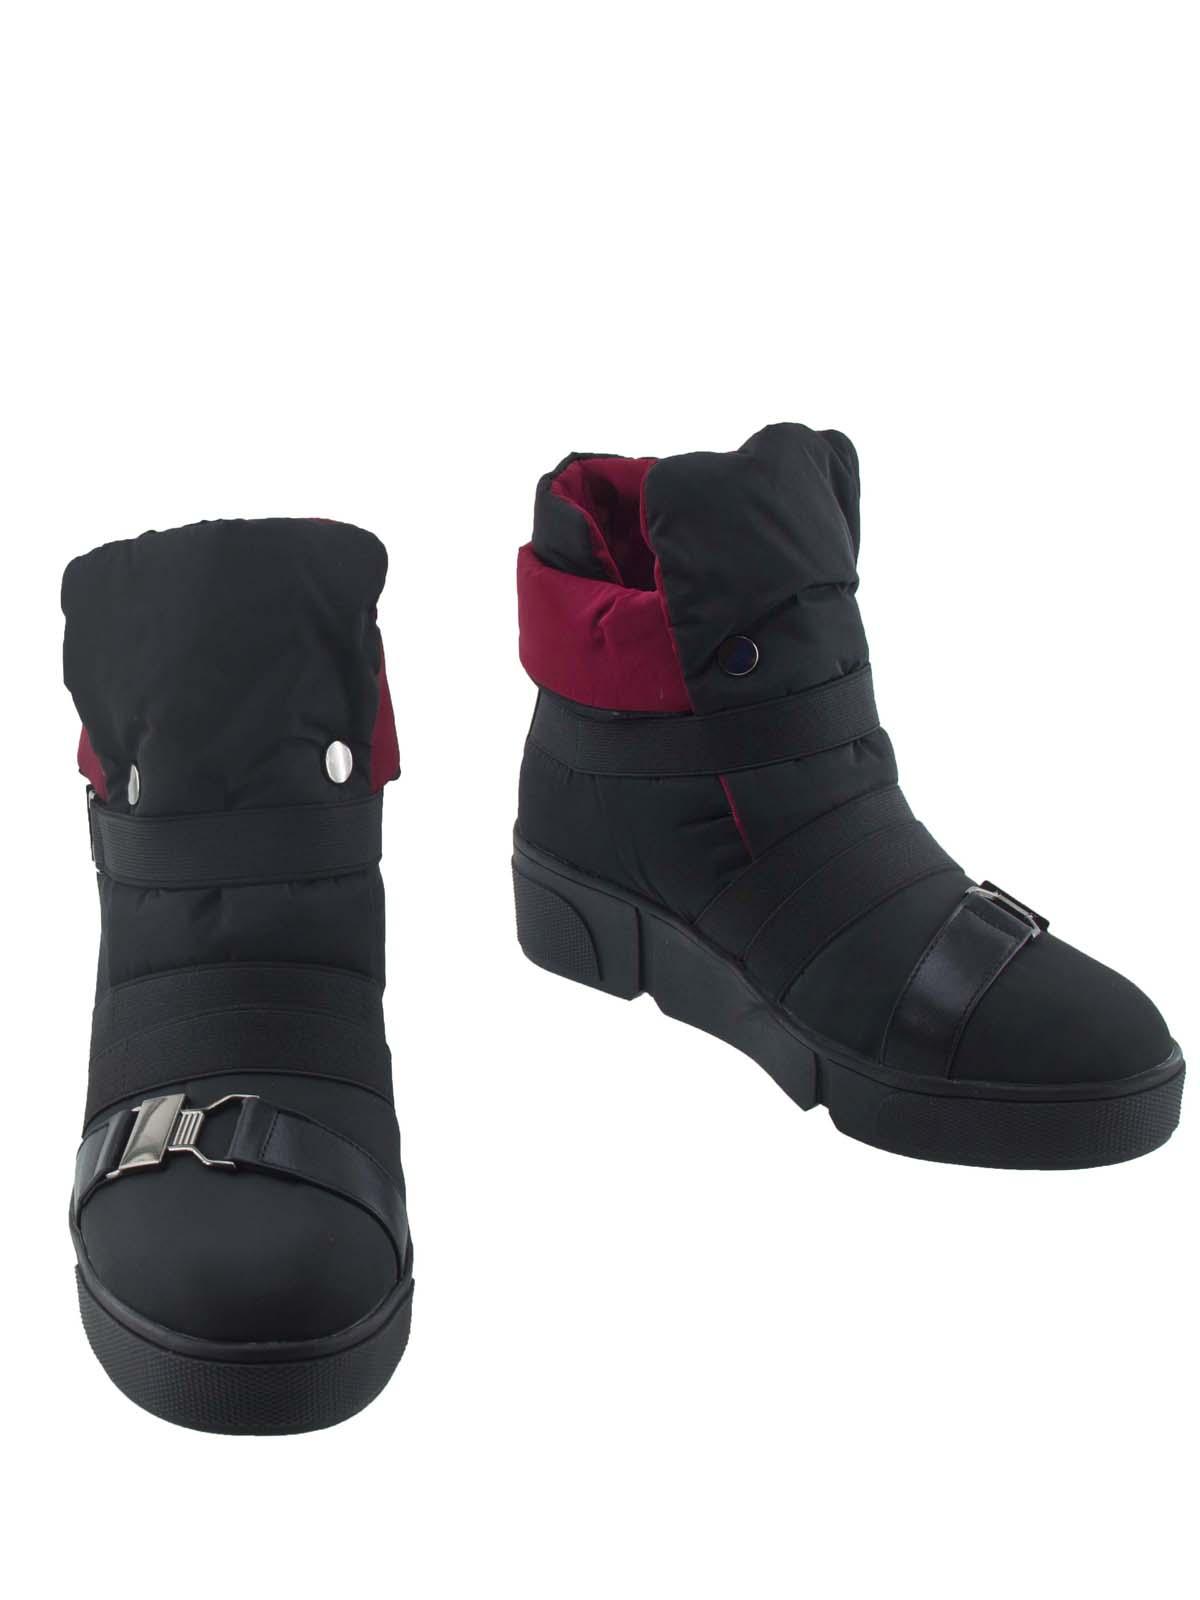 Дутики женские Brado 89064 черные 37 RU